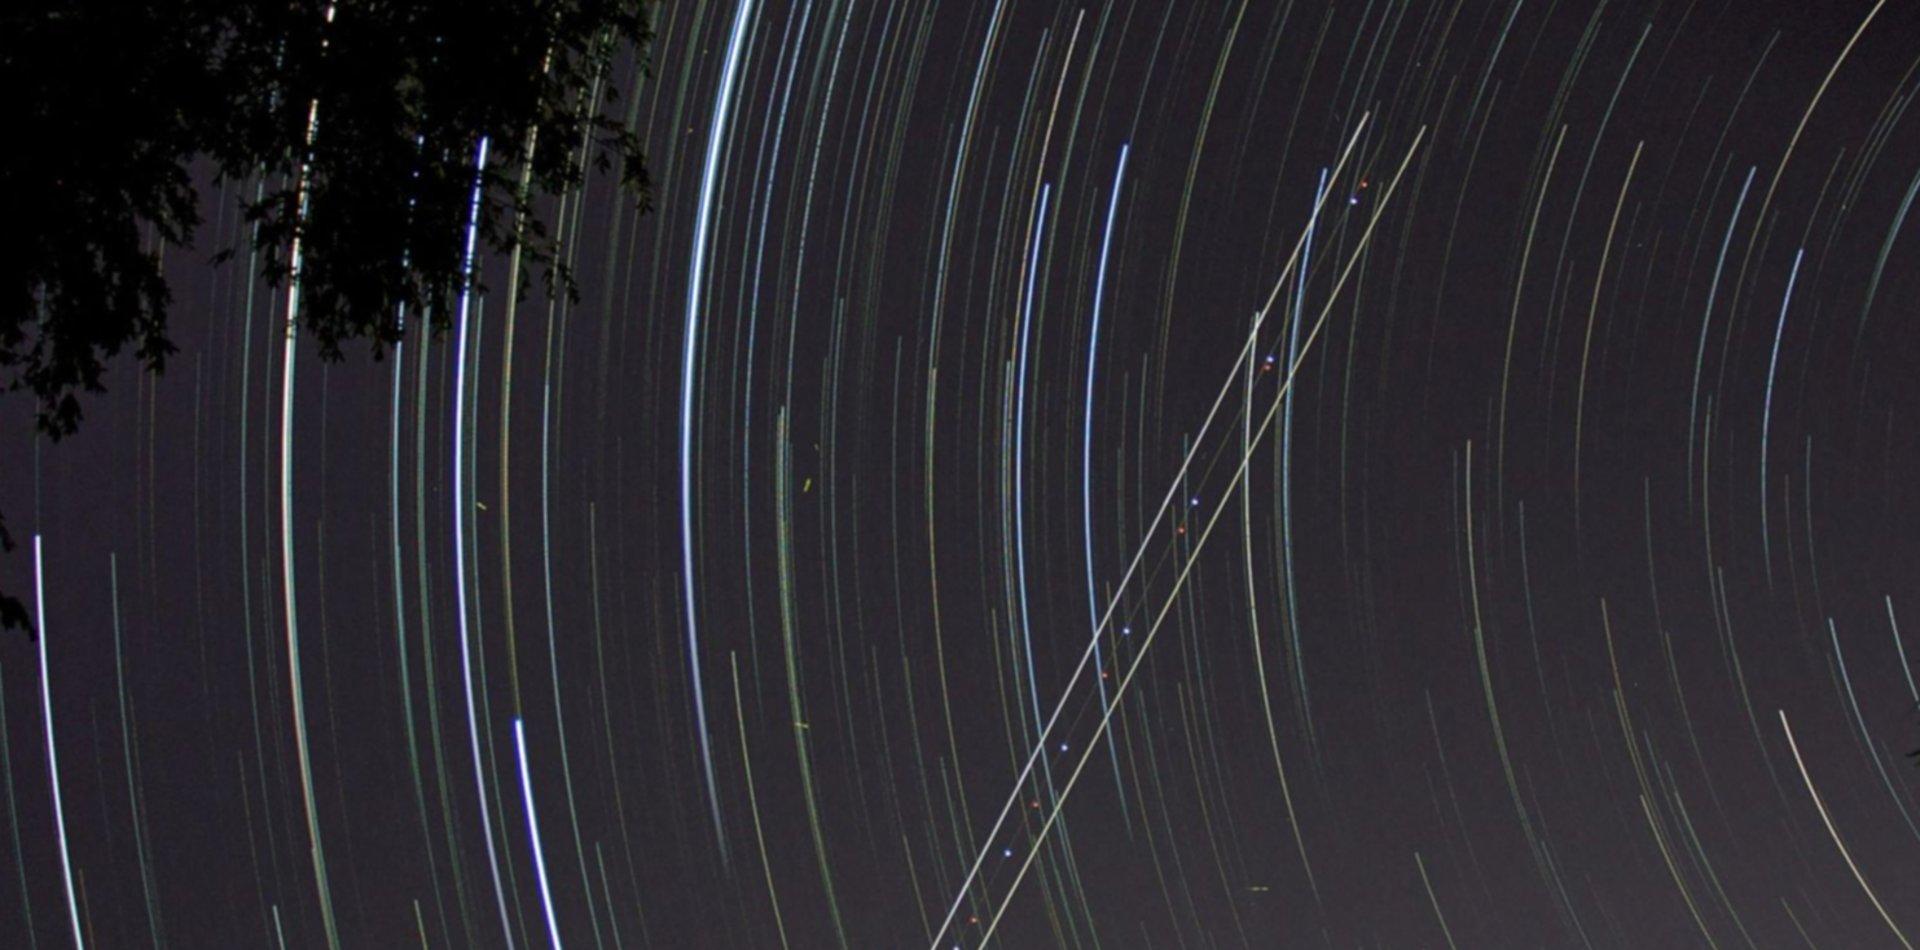 Astroturismo: cómo es apreciar los cielos en destinos a pocos kilómetros de La Plata